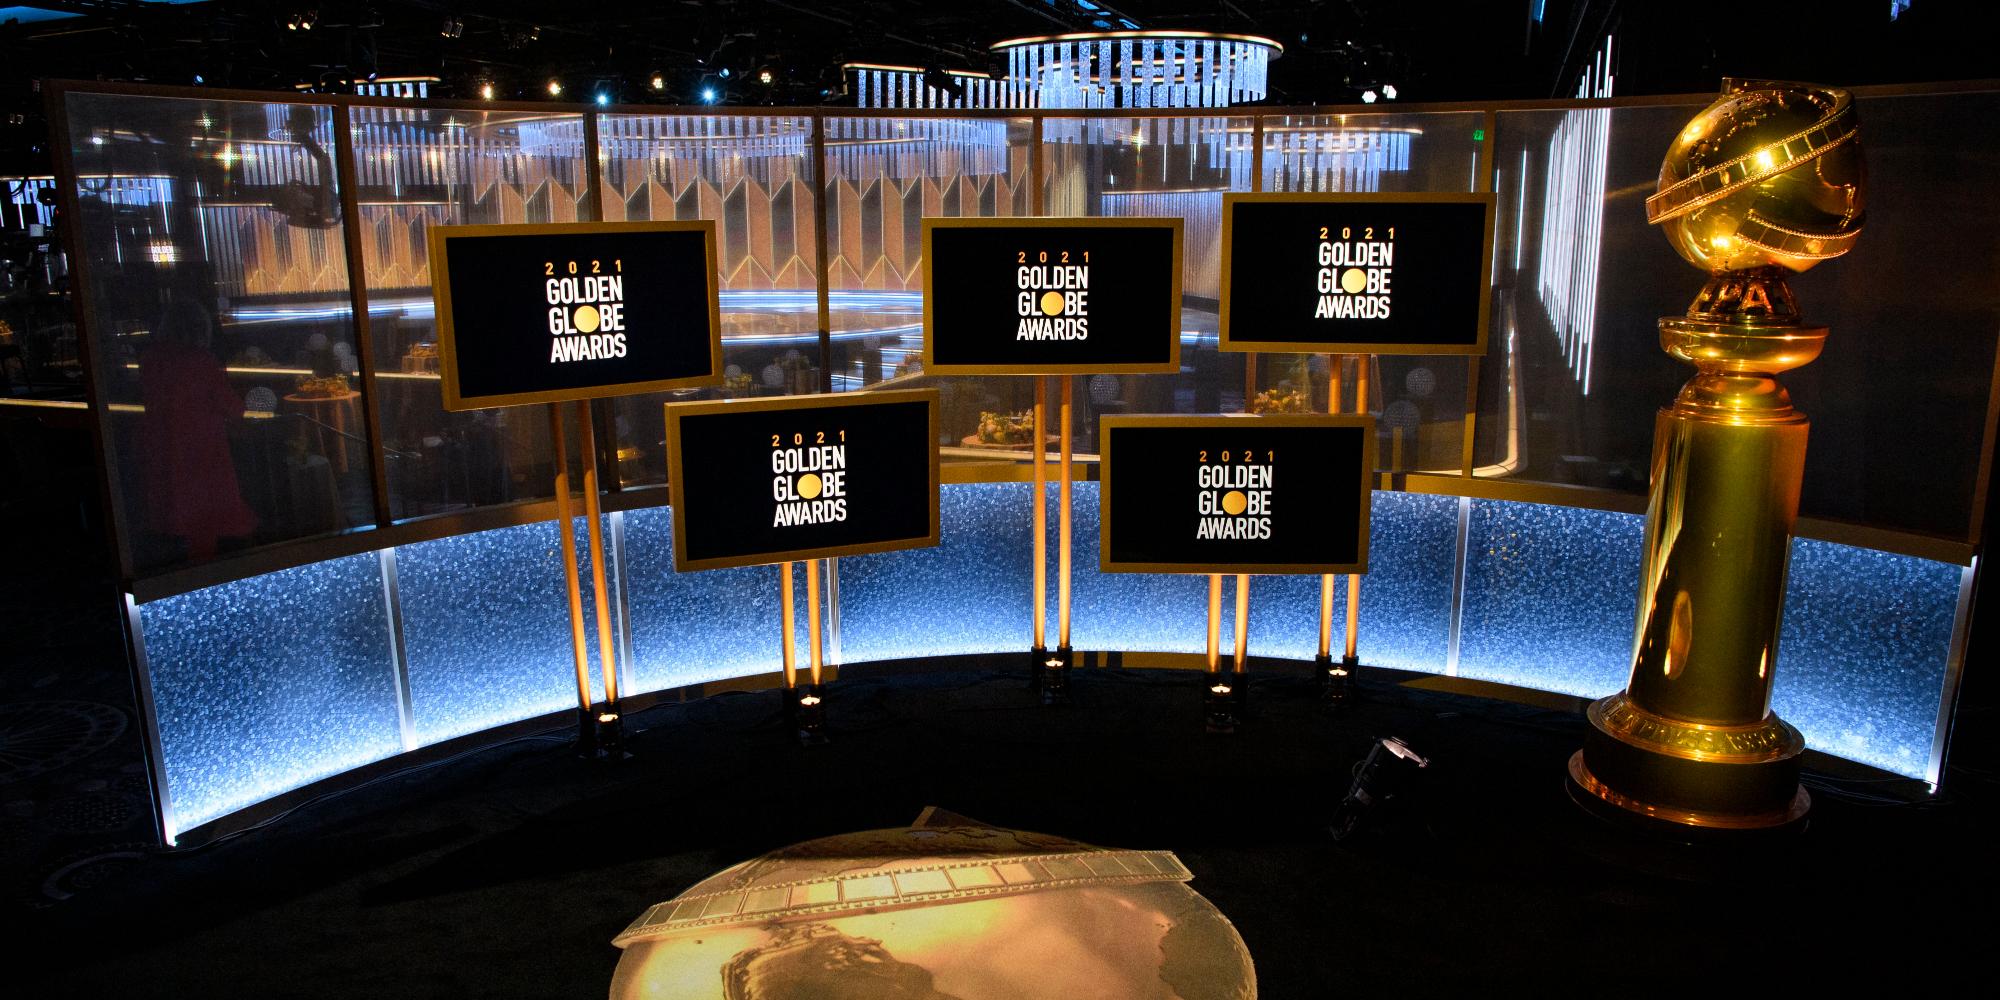 NBC renonce à diffuser en 2022 les Golden Globes, critiqués par Hollywood